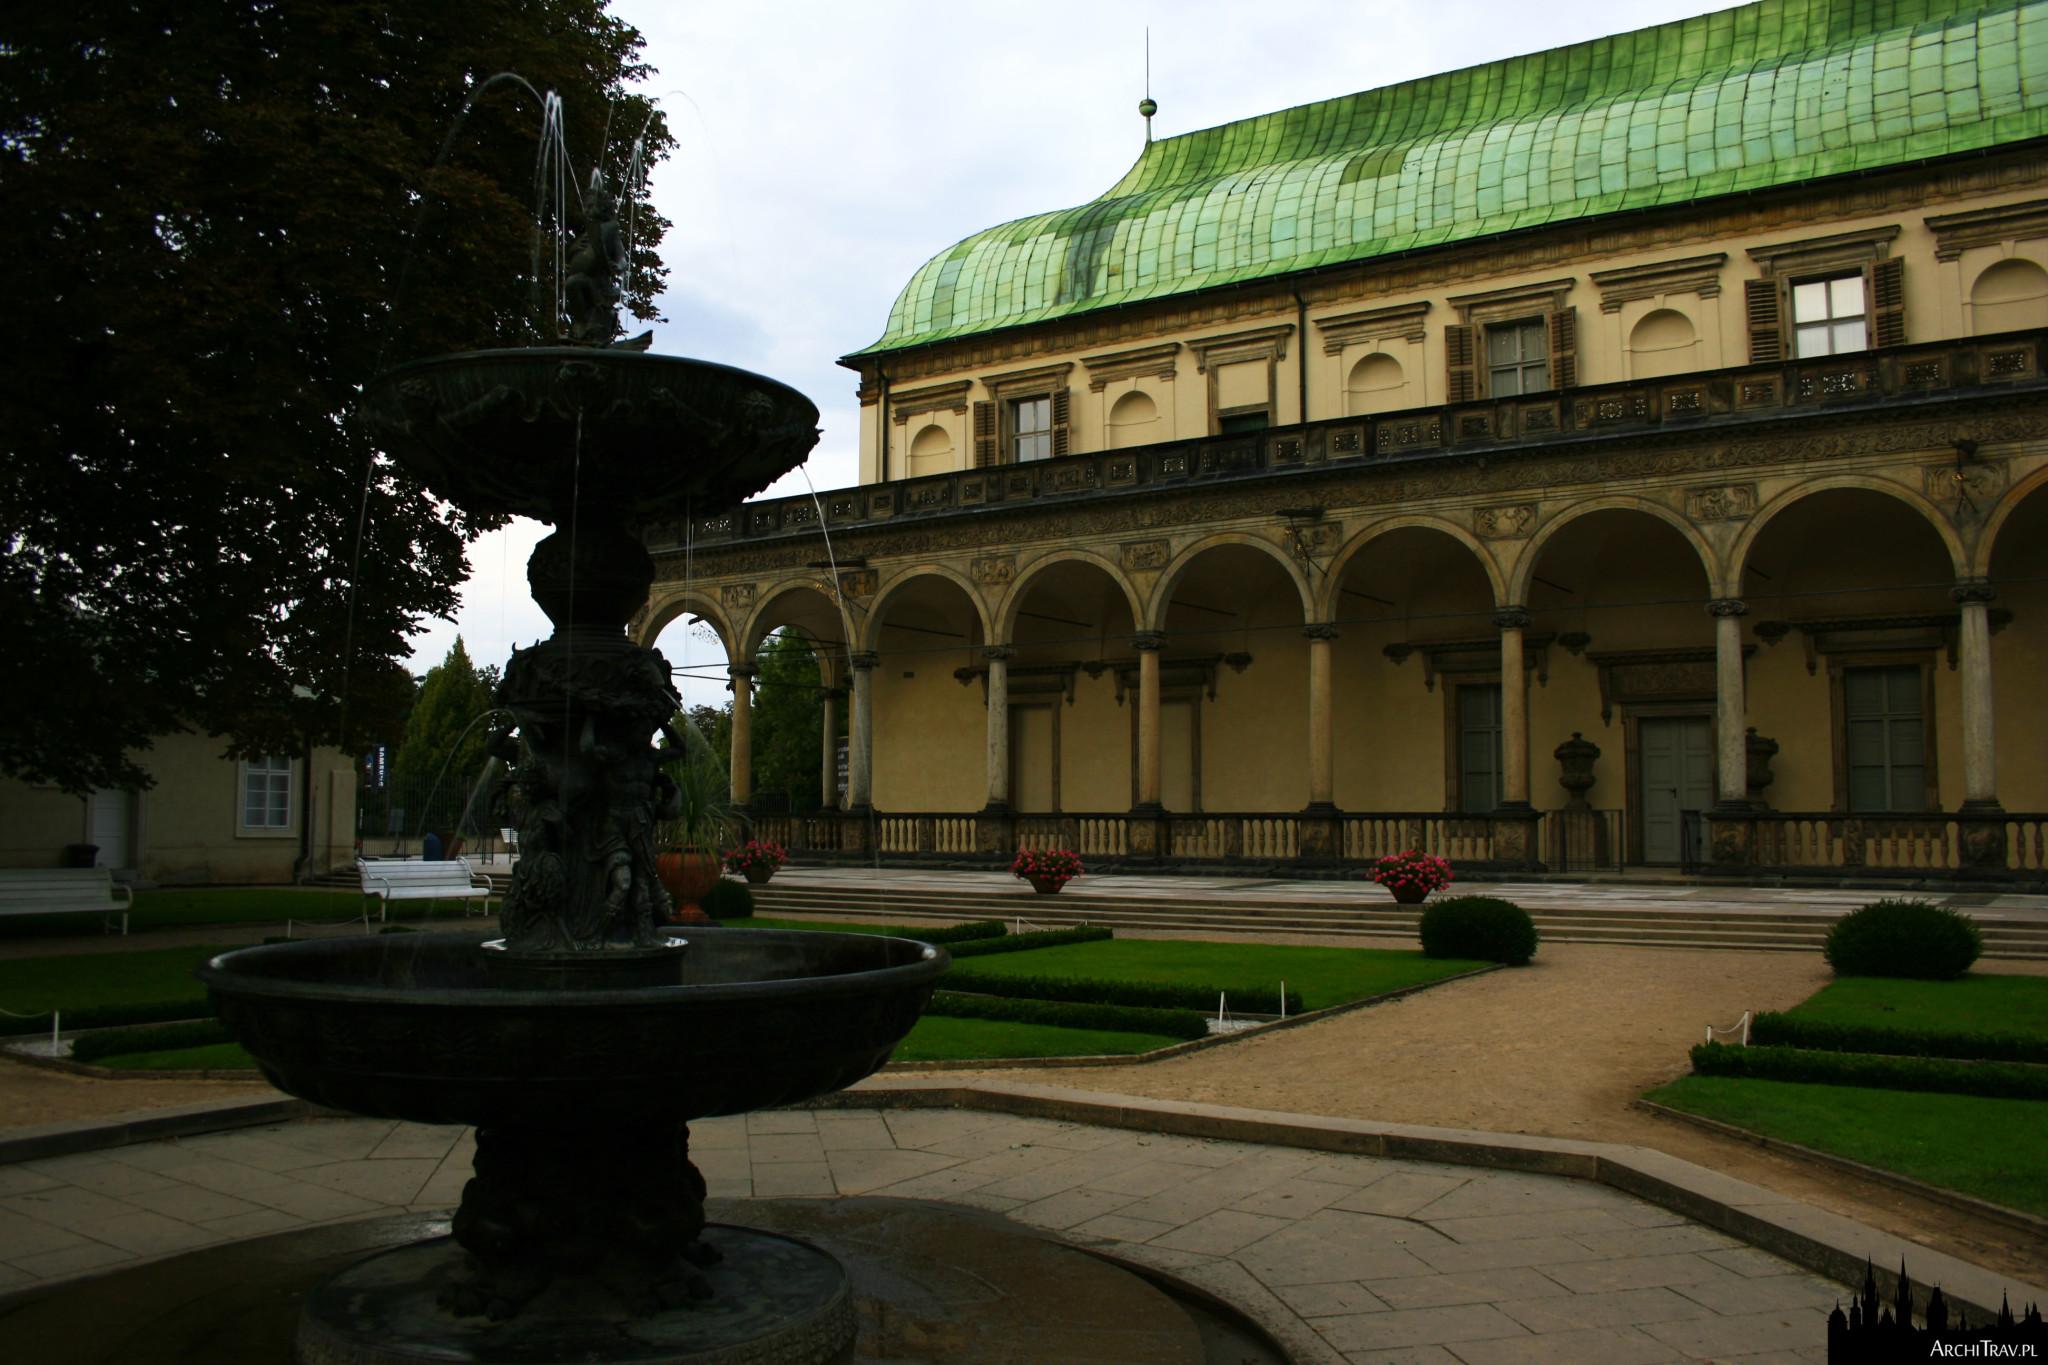 na pierwszym planie barokowa Śpiewająca Fontanna, dalej część renesansowego budynku (Belwederu) o charakterystycznym w kształcie odwróconego statku dachu